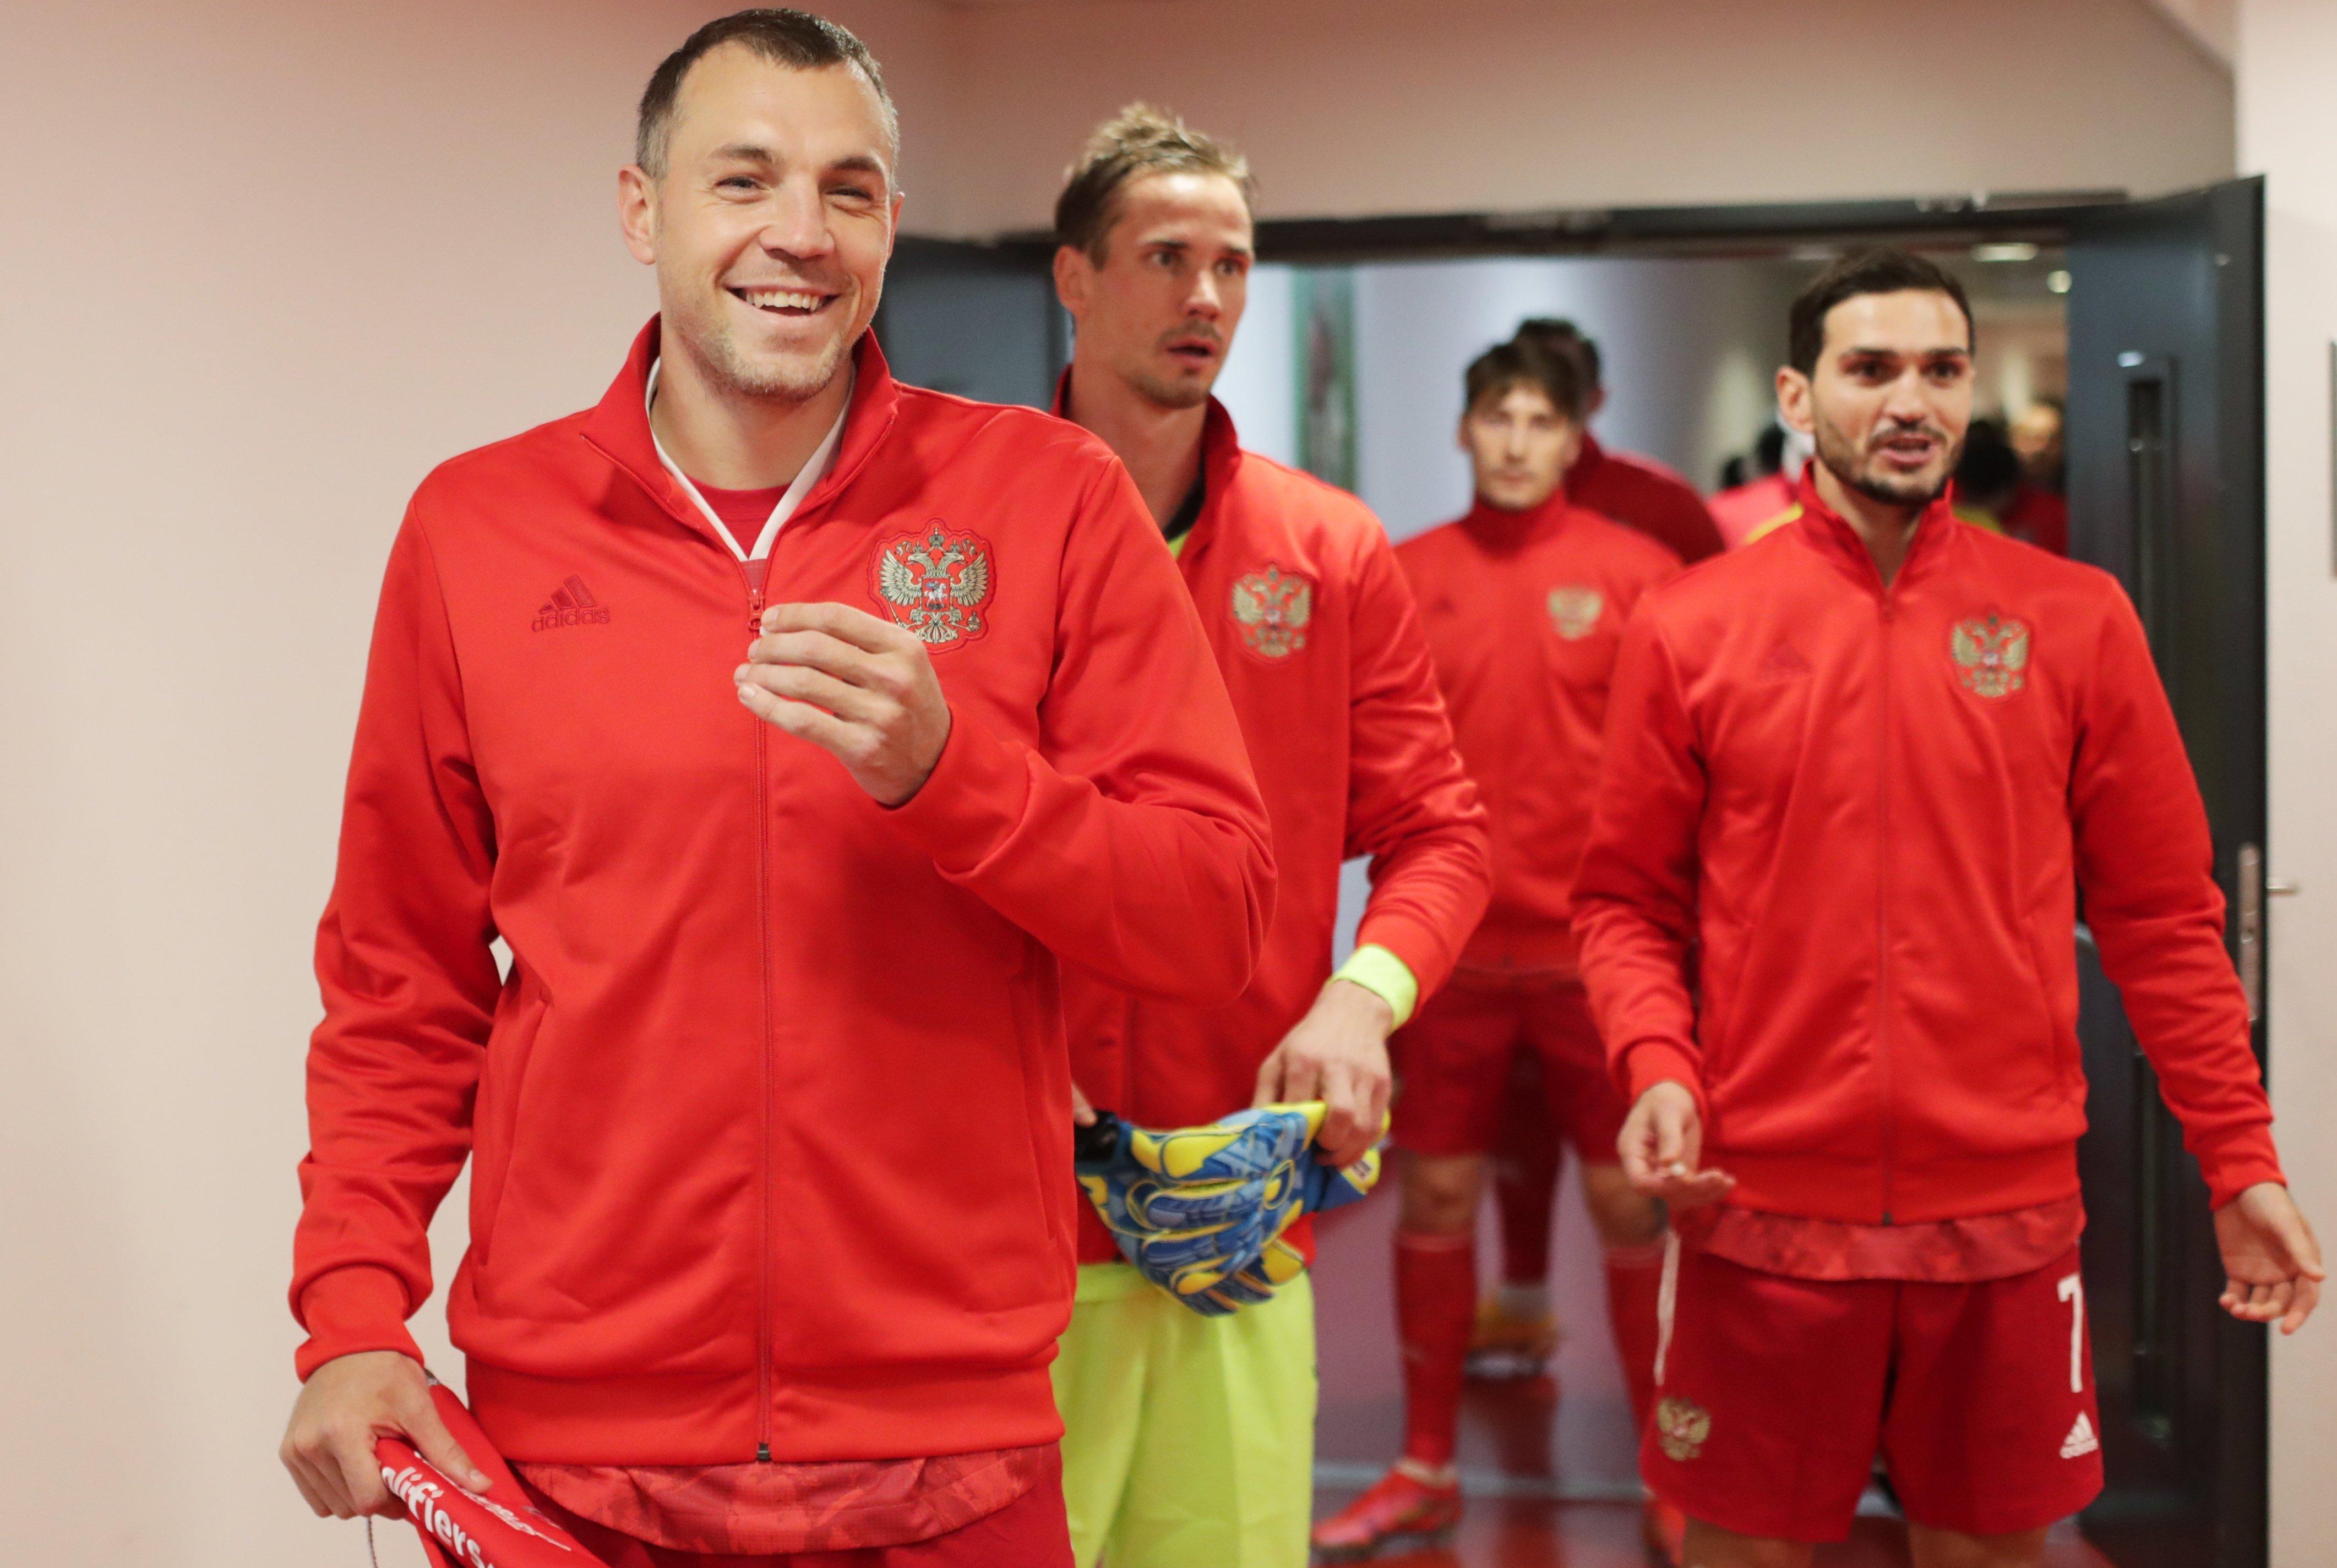 Матч сборной России в Дании на Евро-2020 смогут посетить до 15 900 зрителей